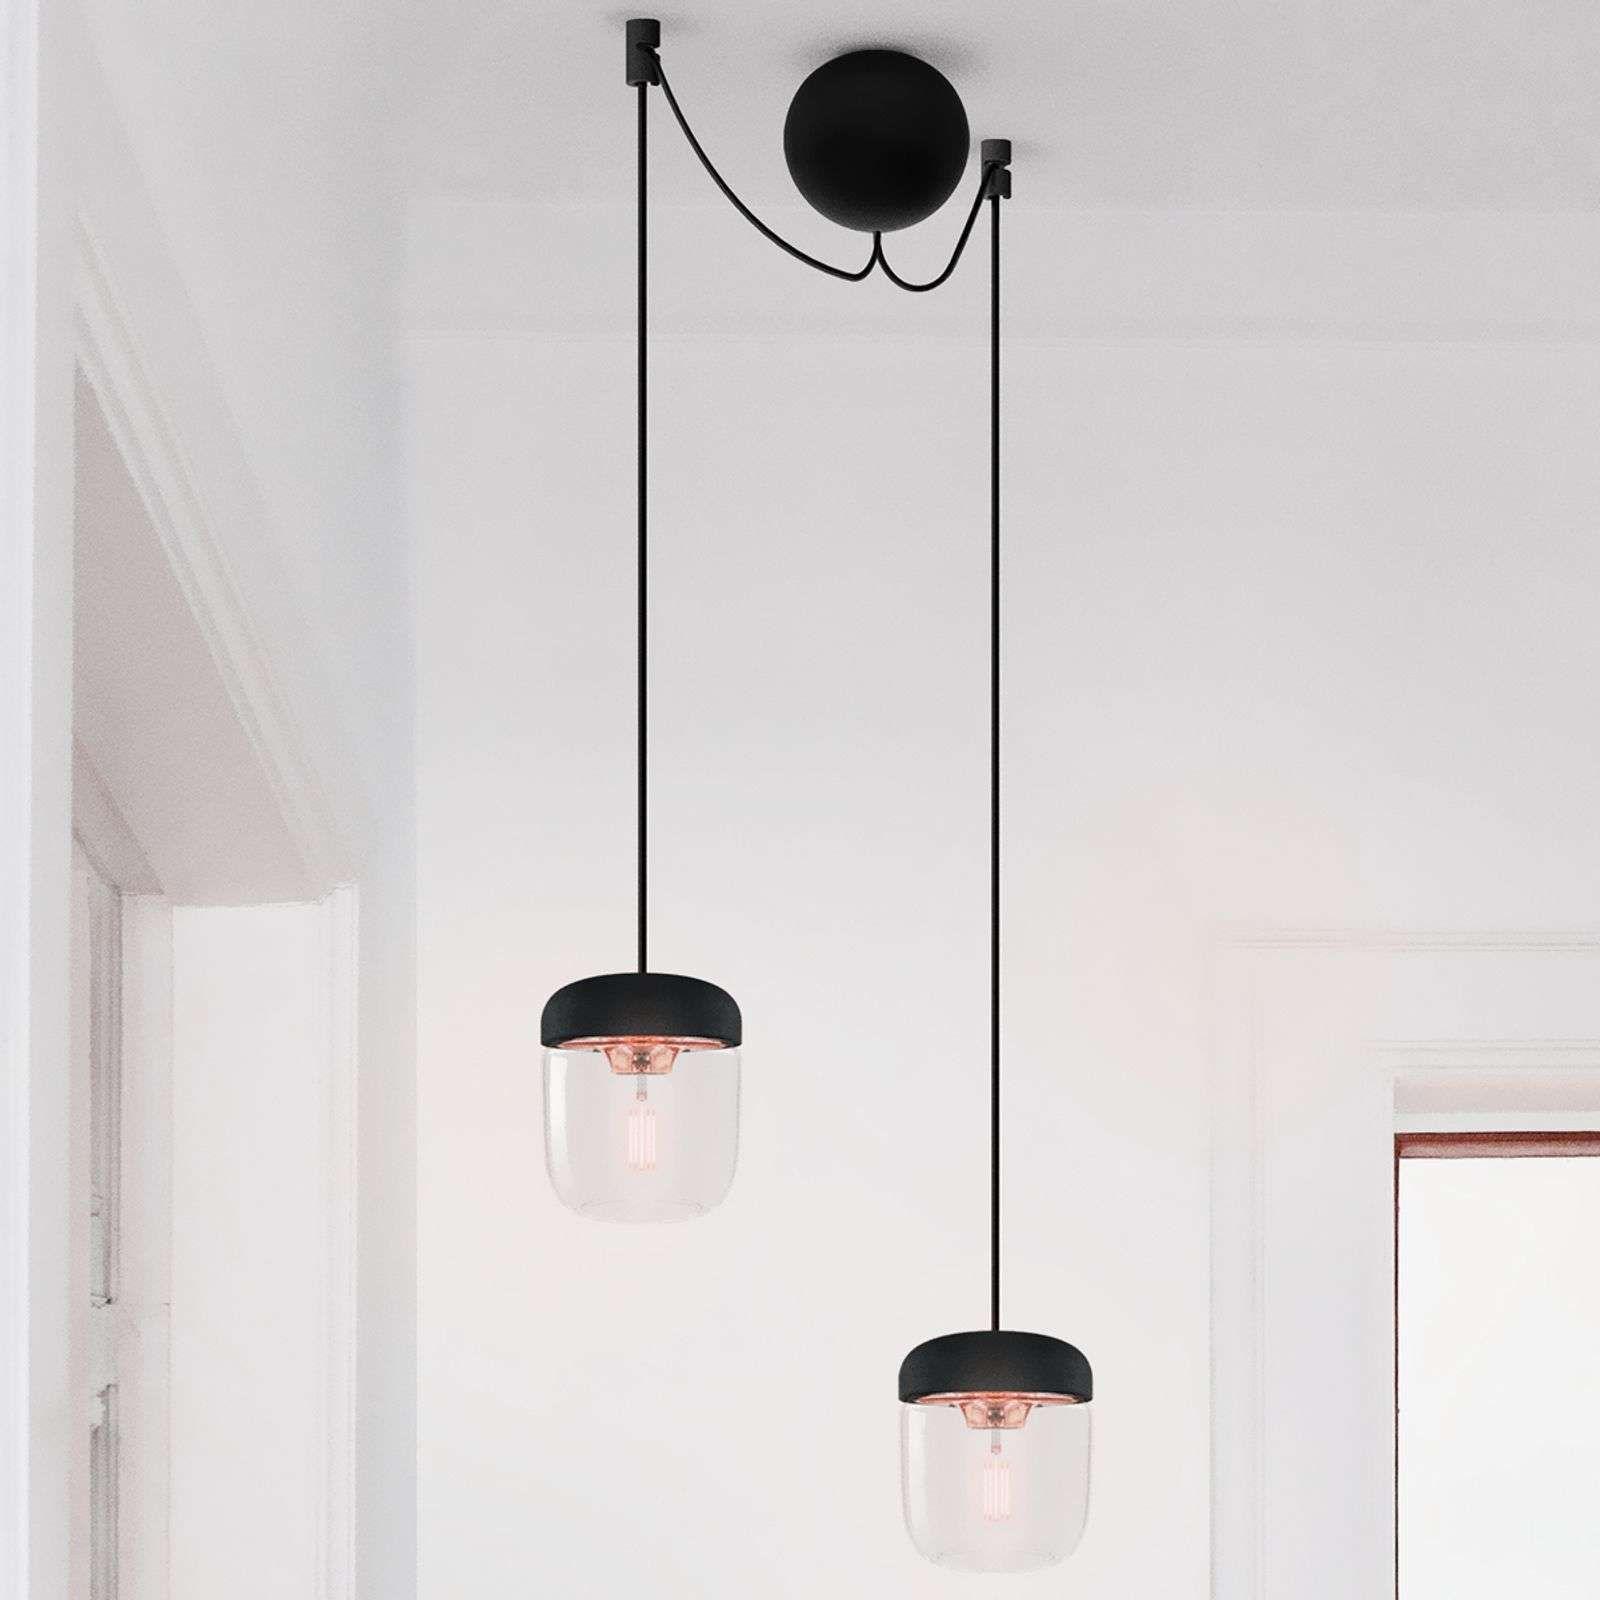 Umage Acorn Hanglamp Zwart Koper 2 Lampen In 2020 Hanglamp Lampen En Helder Glas